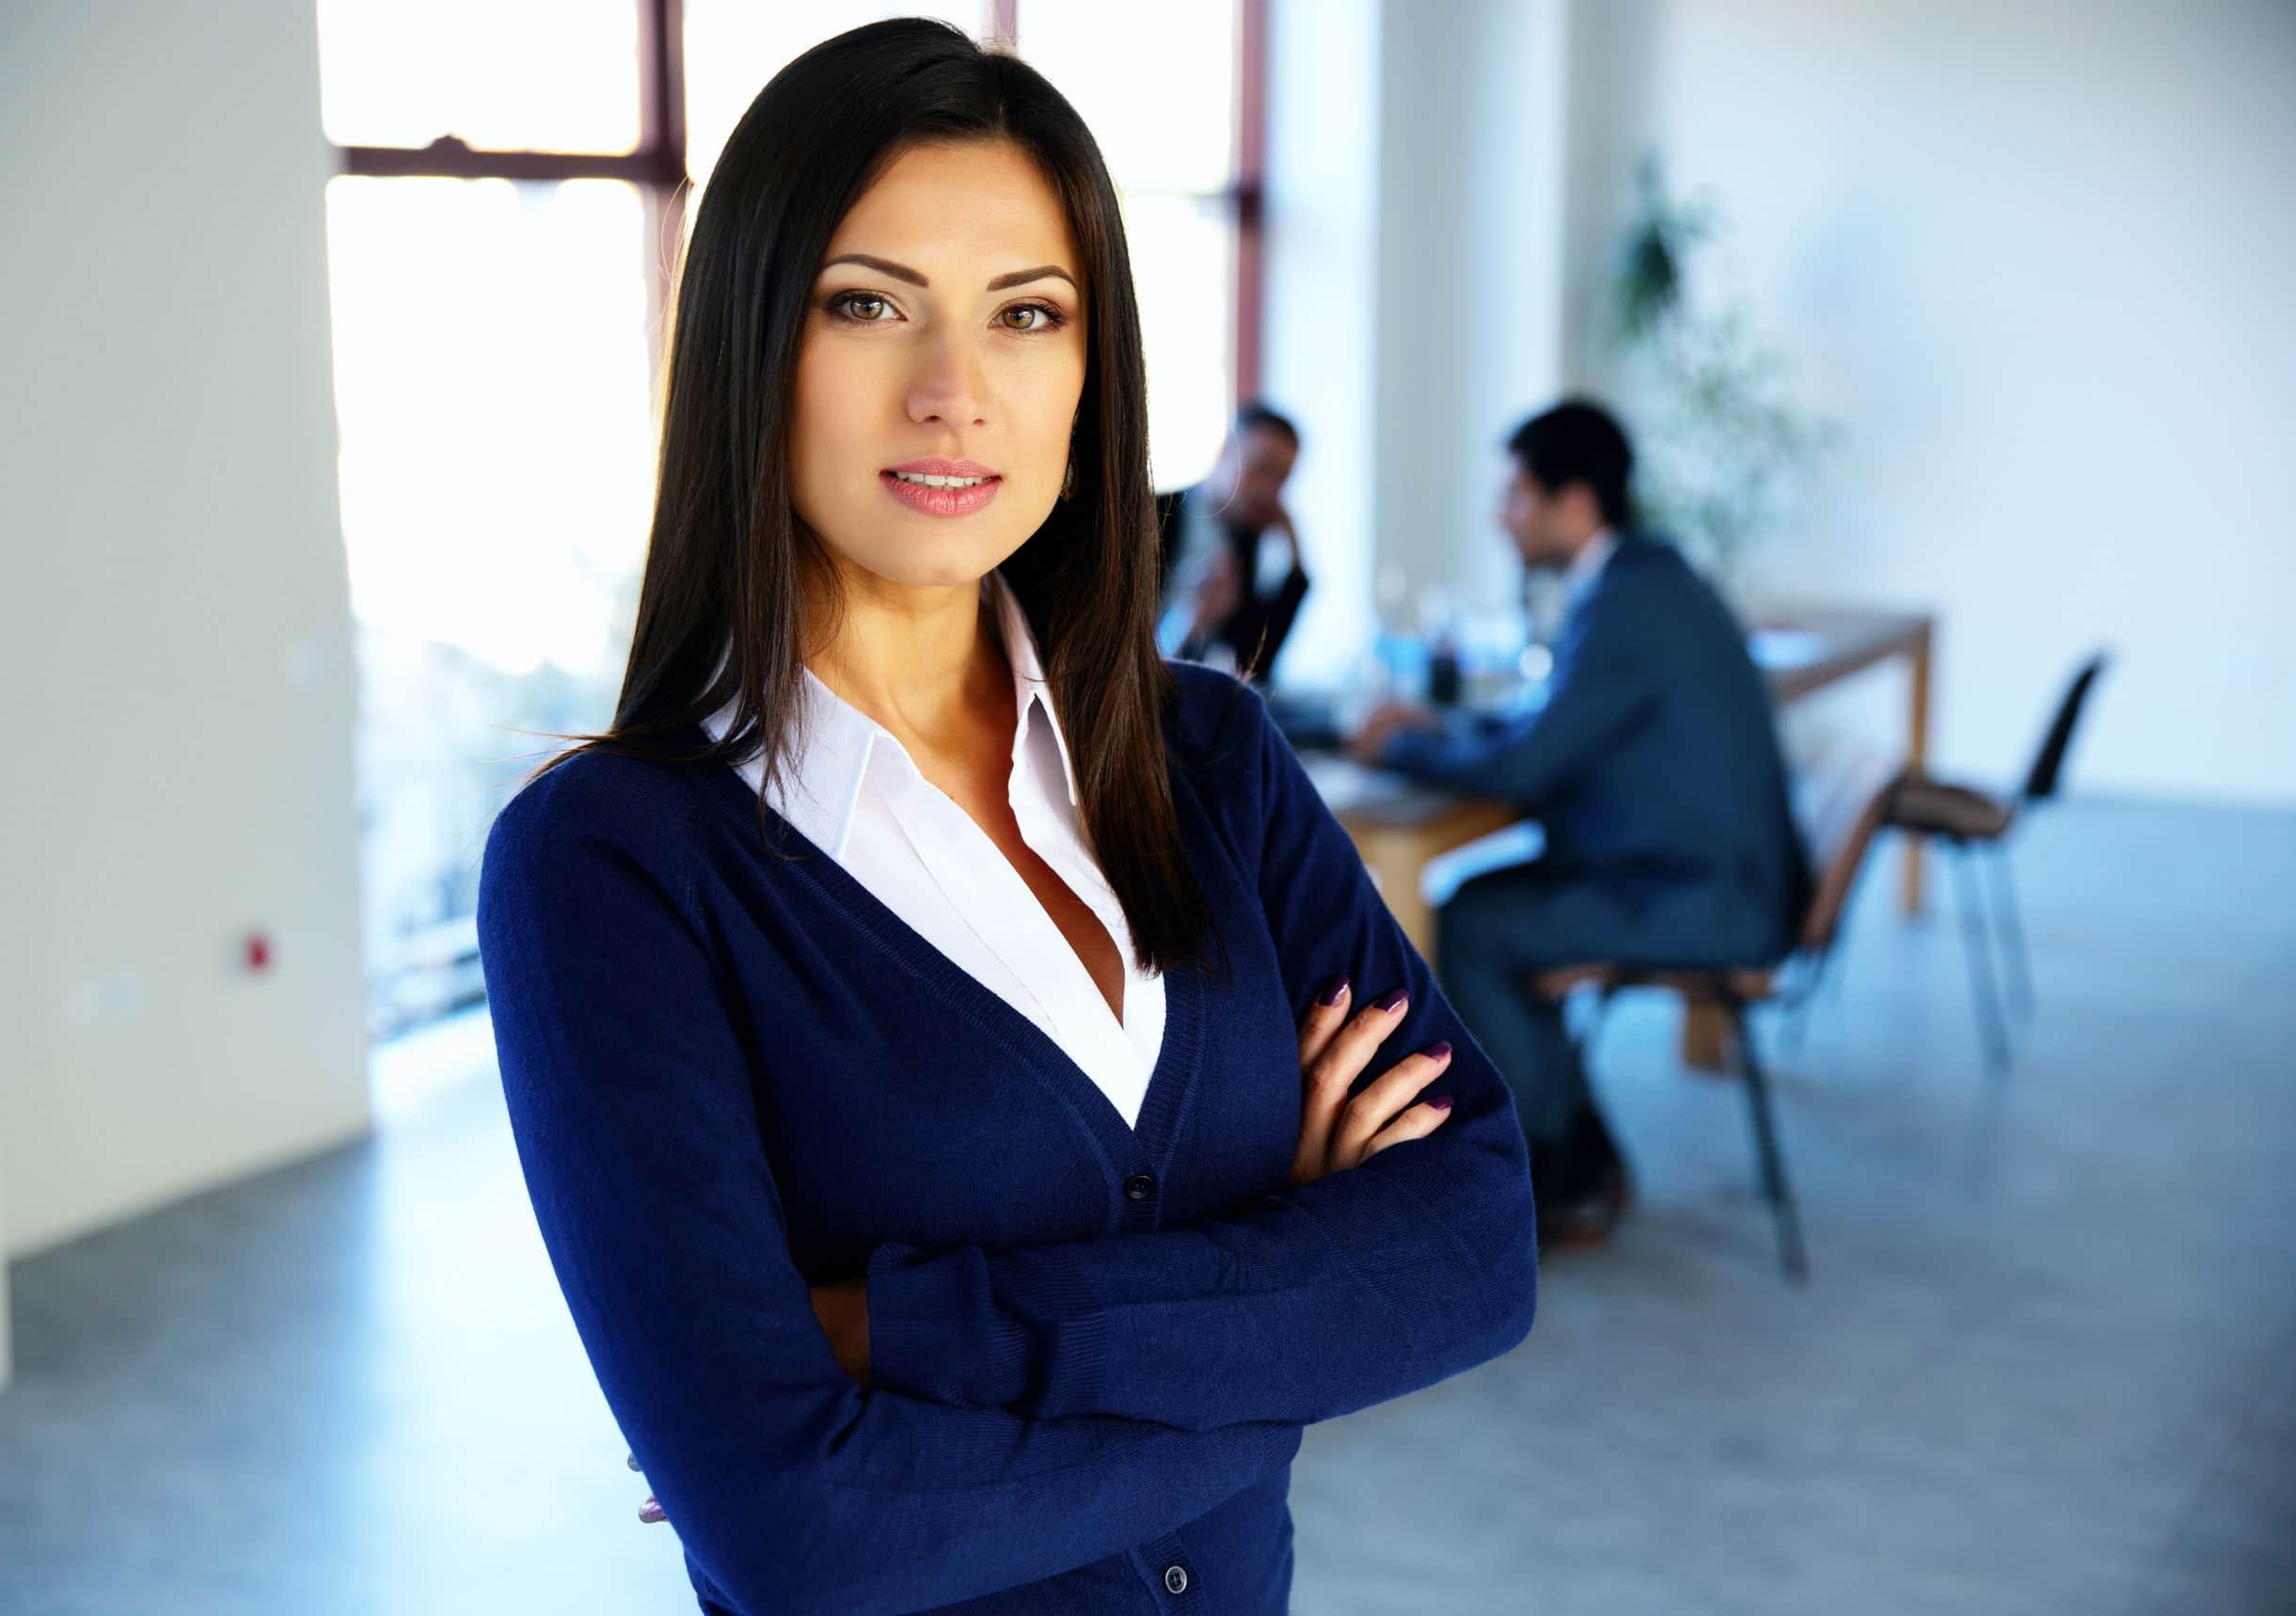 Mulher executiva no ambiente de trabalho.